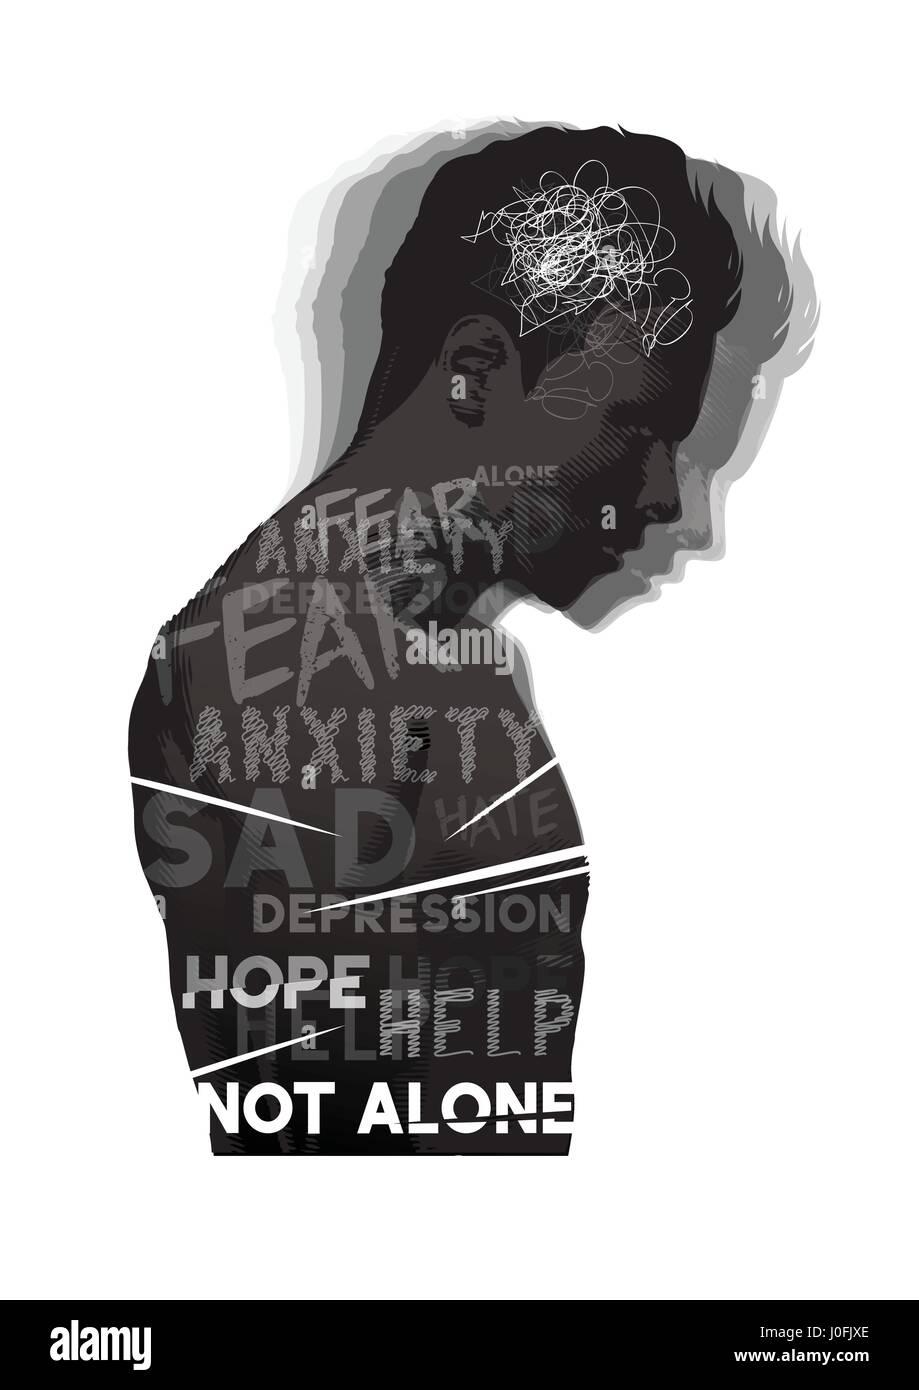 Un hombre experimenta sentimientos de temor, ansiedad y depresión. Salud Mental ilustración vectorial. Imagen De Stock